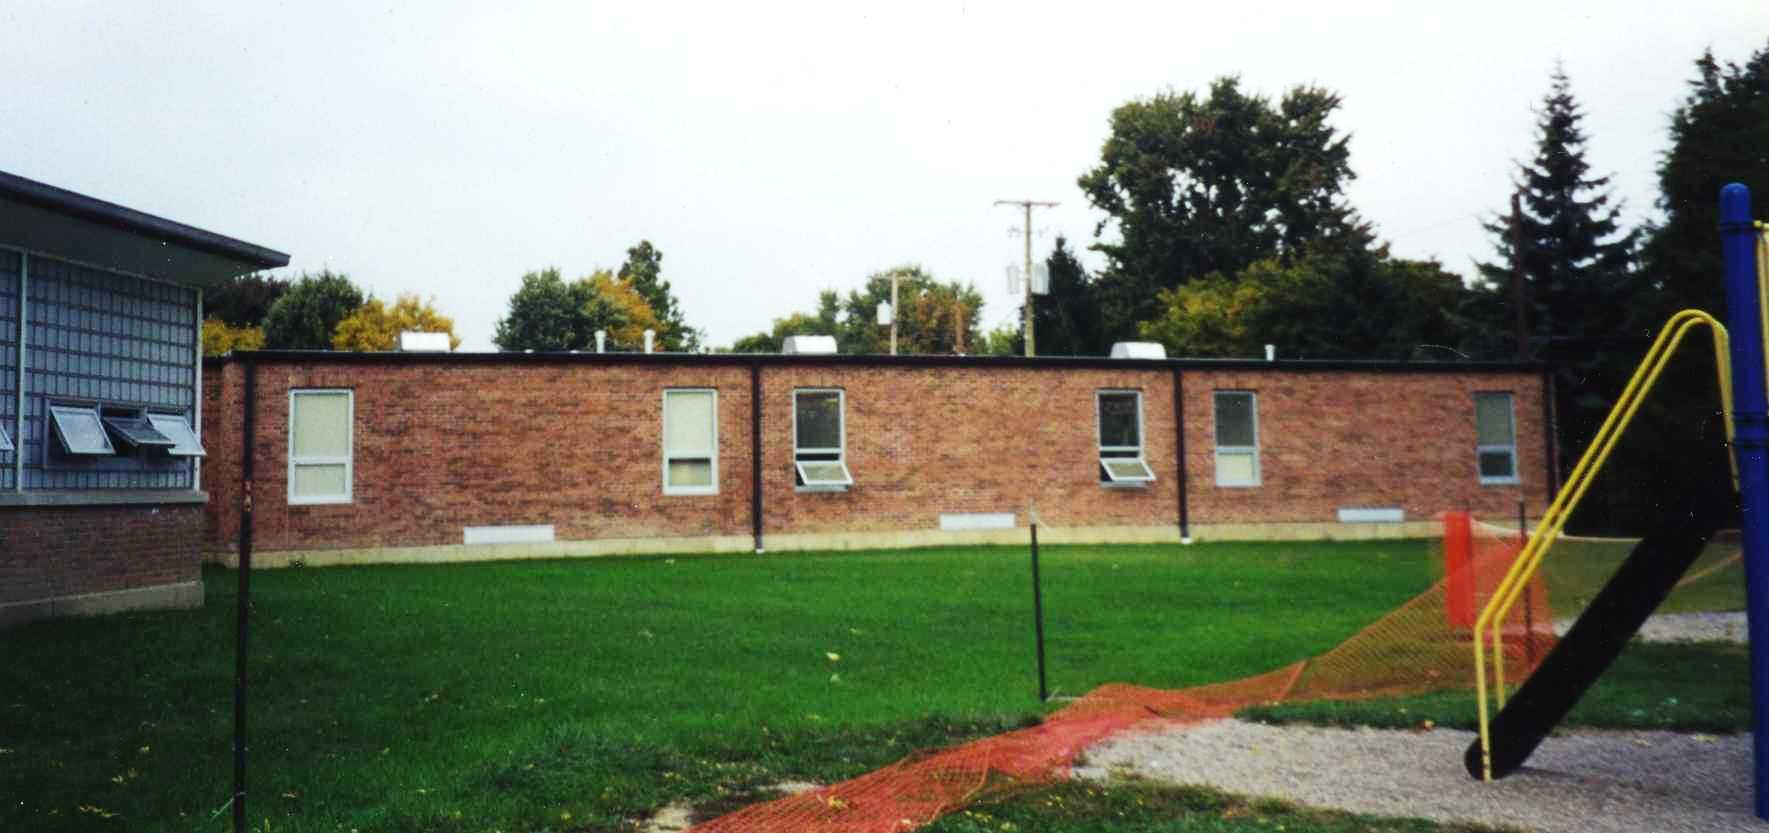 1999 Whittier School Addition.jpg